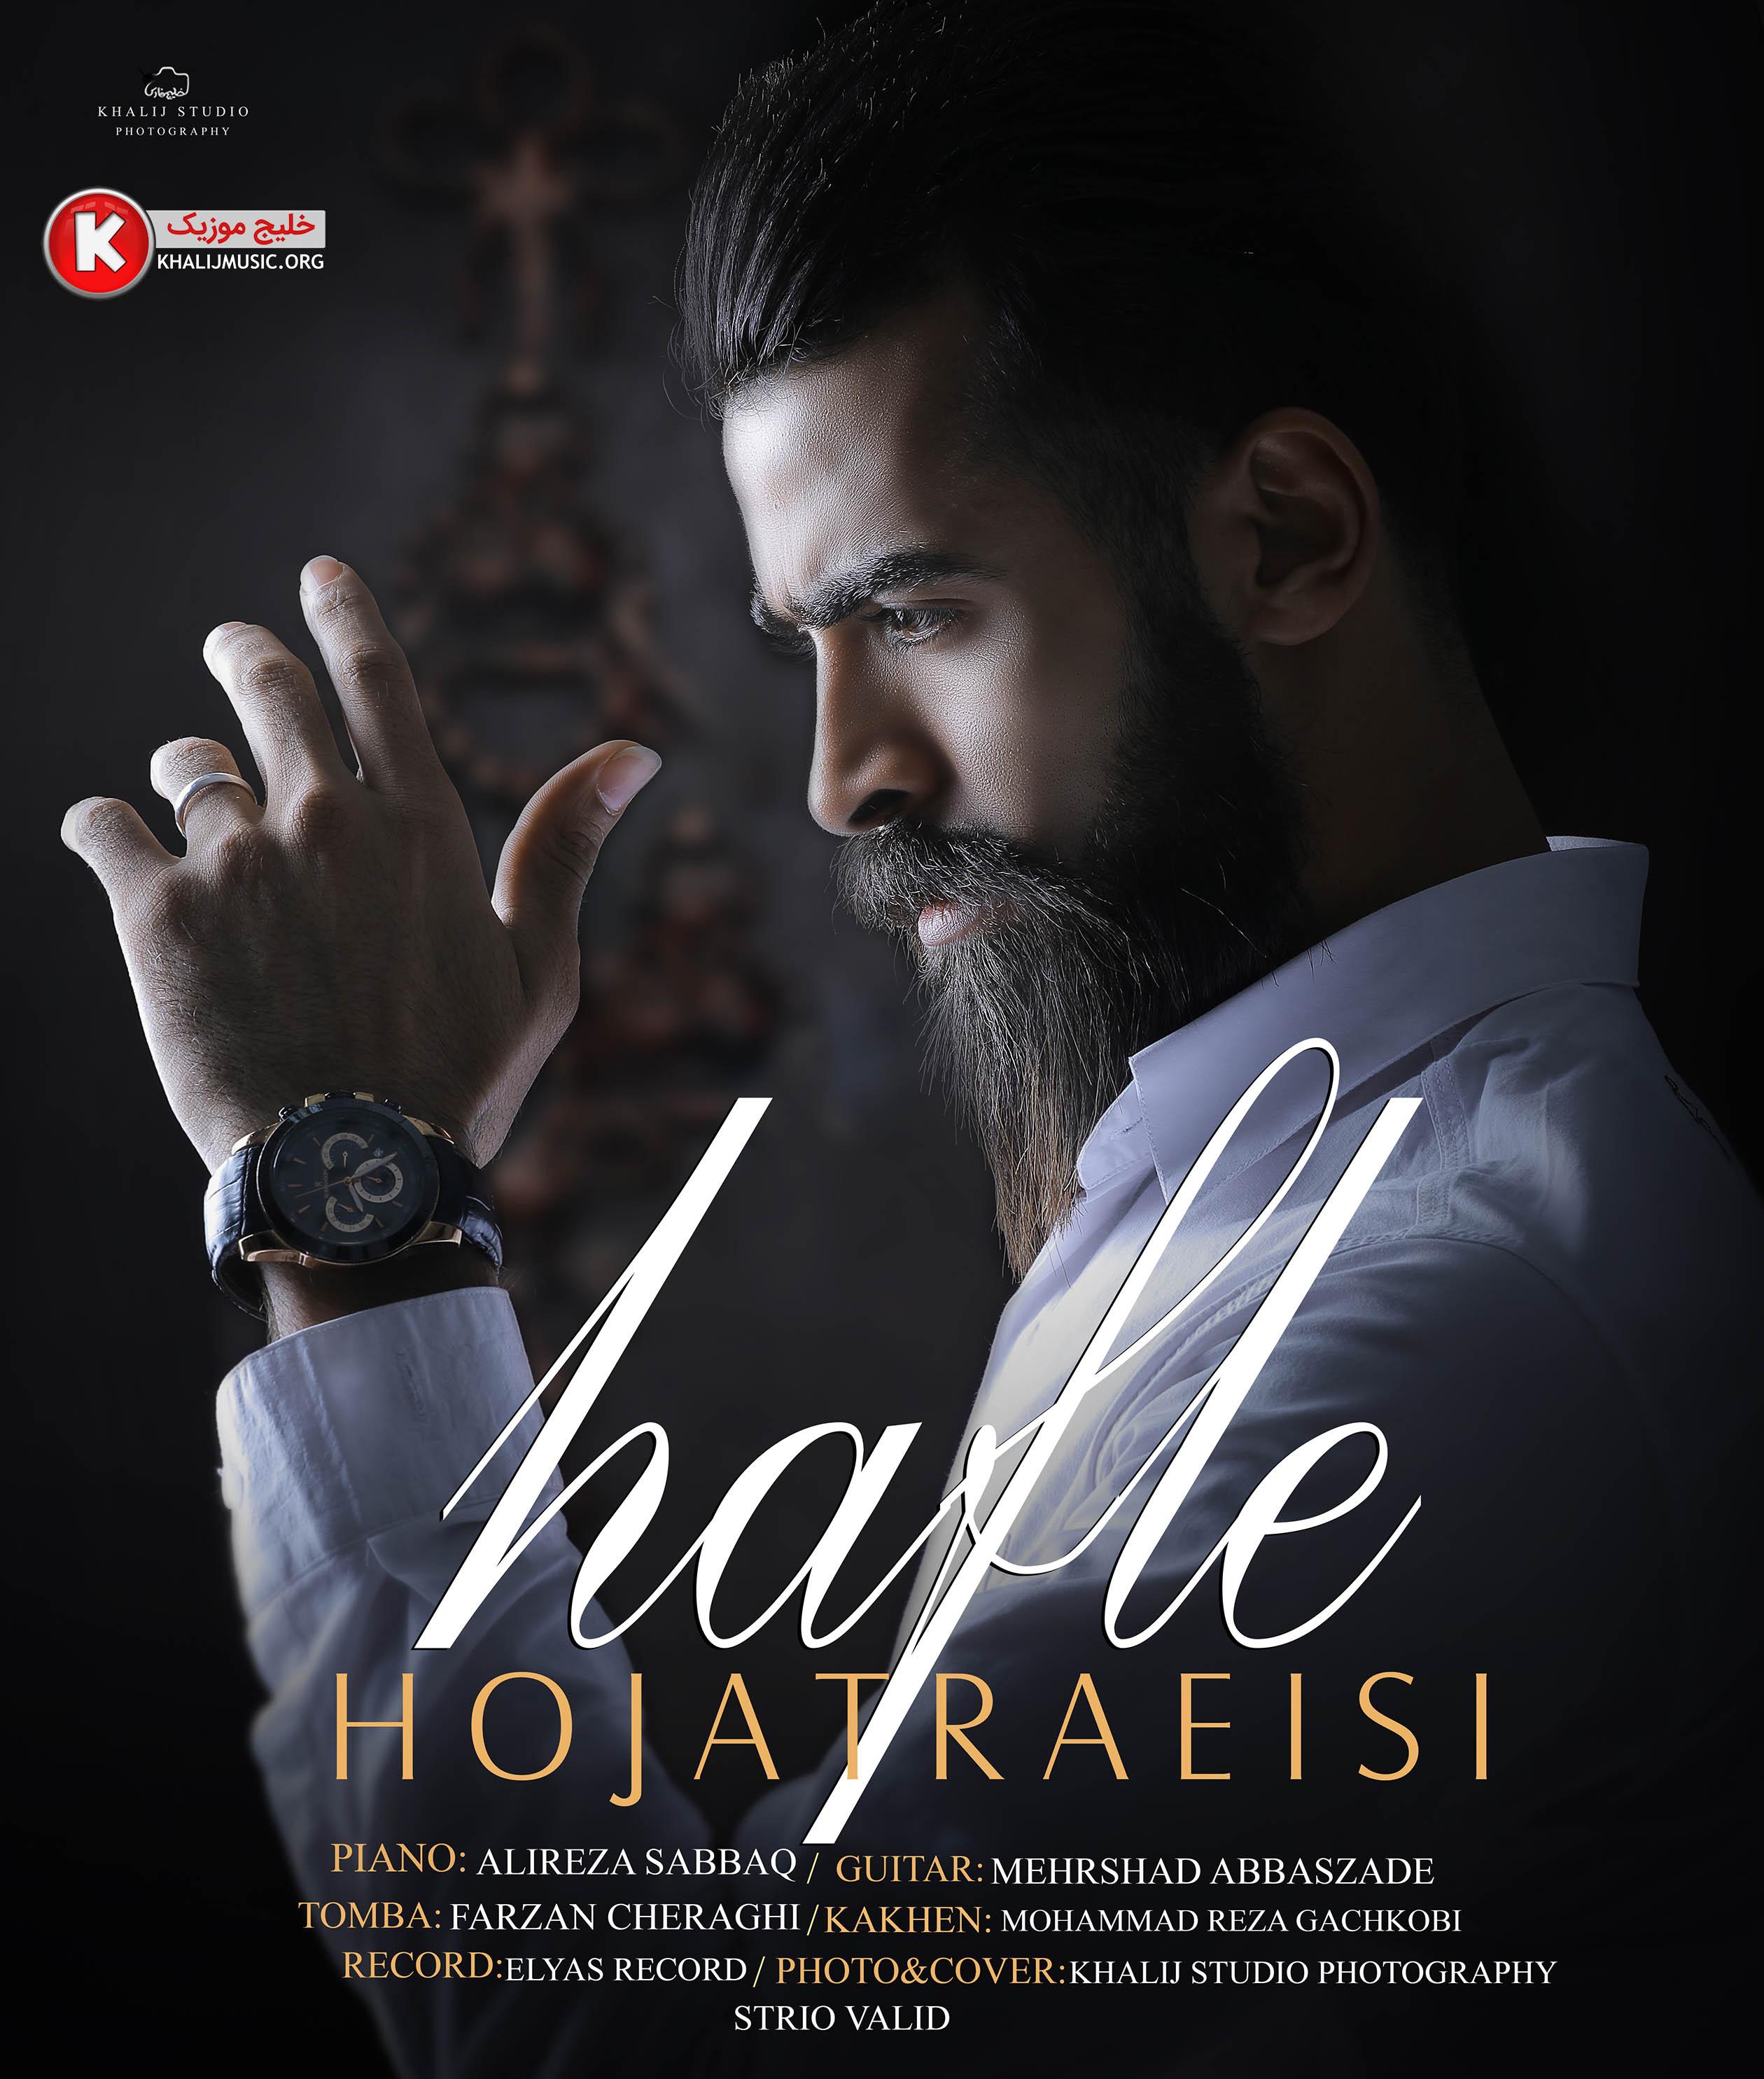 حجت رئیسی آهنگ جدید اجرای زنده و بسیار زیبا بصورت حفله